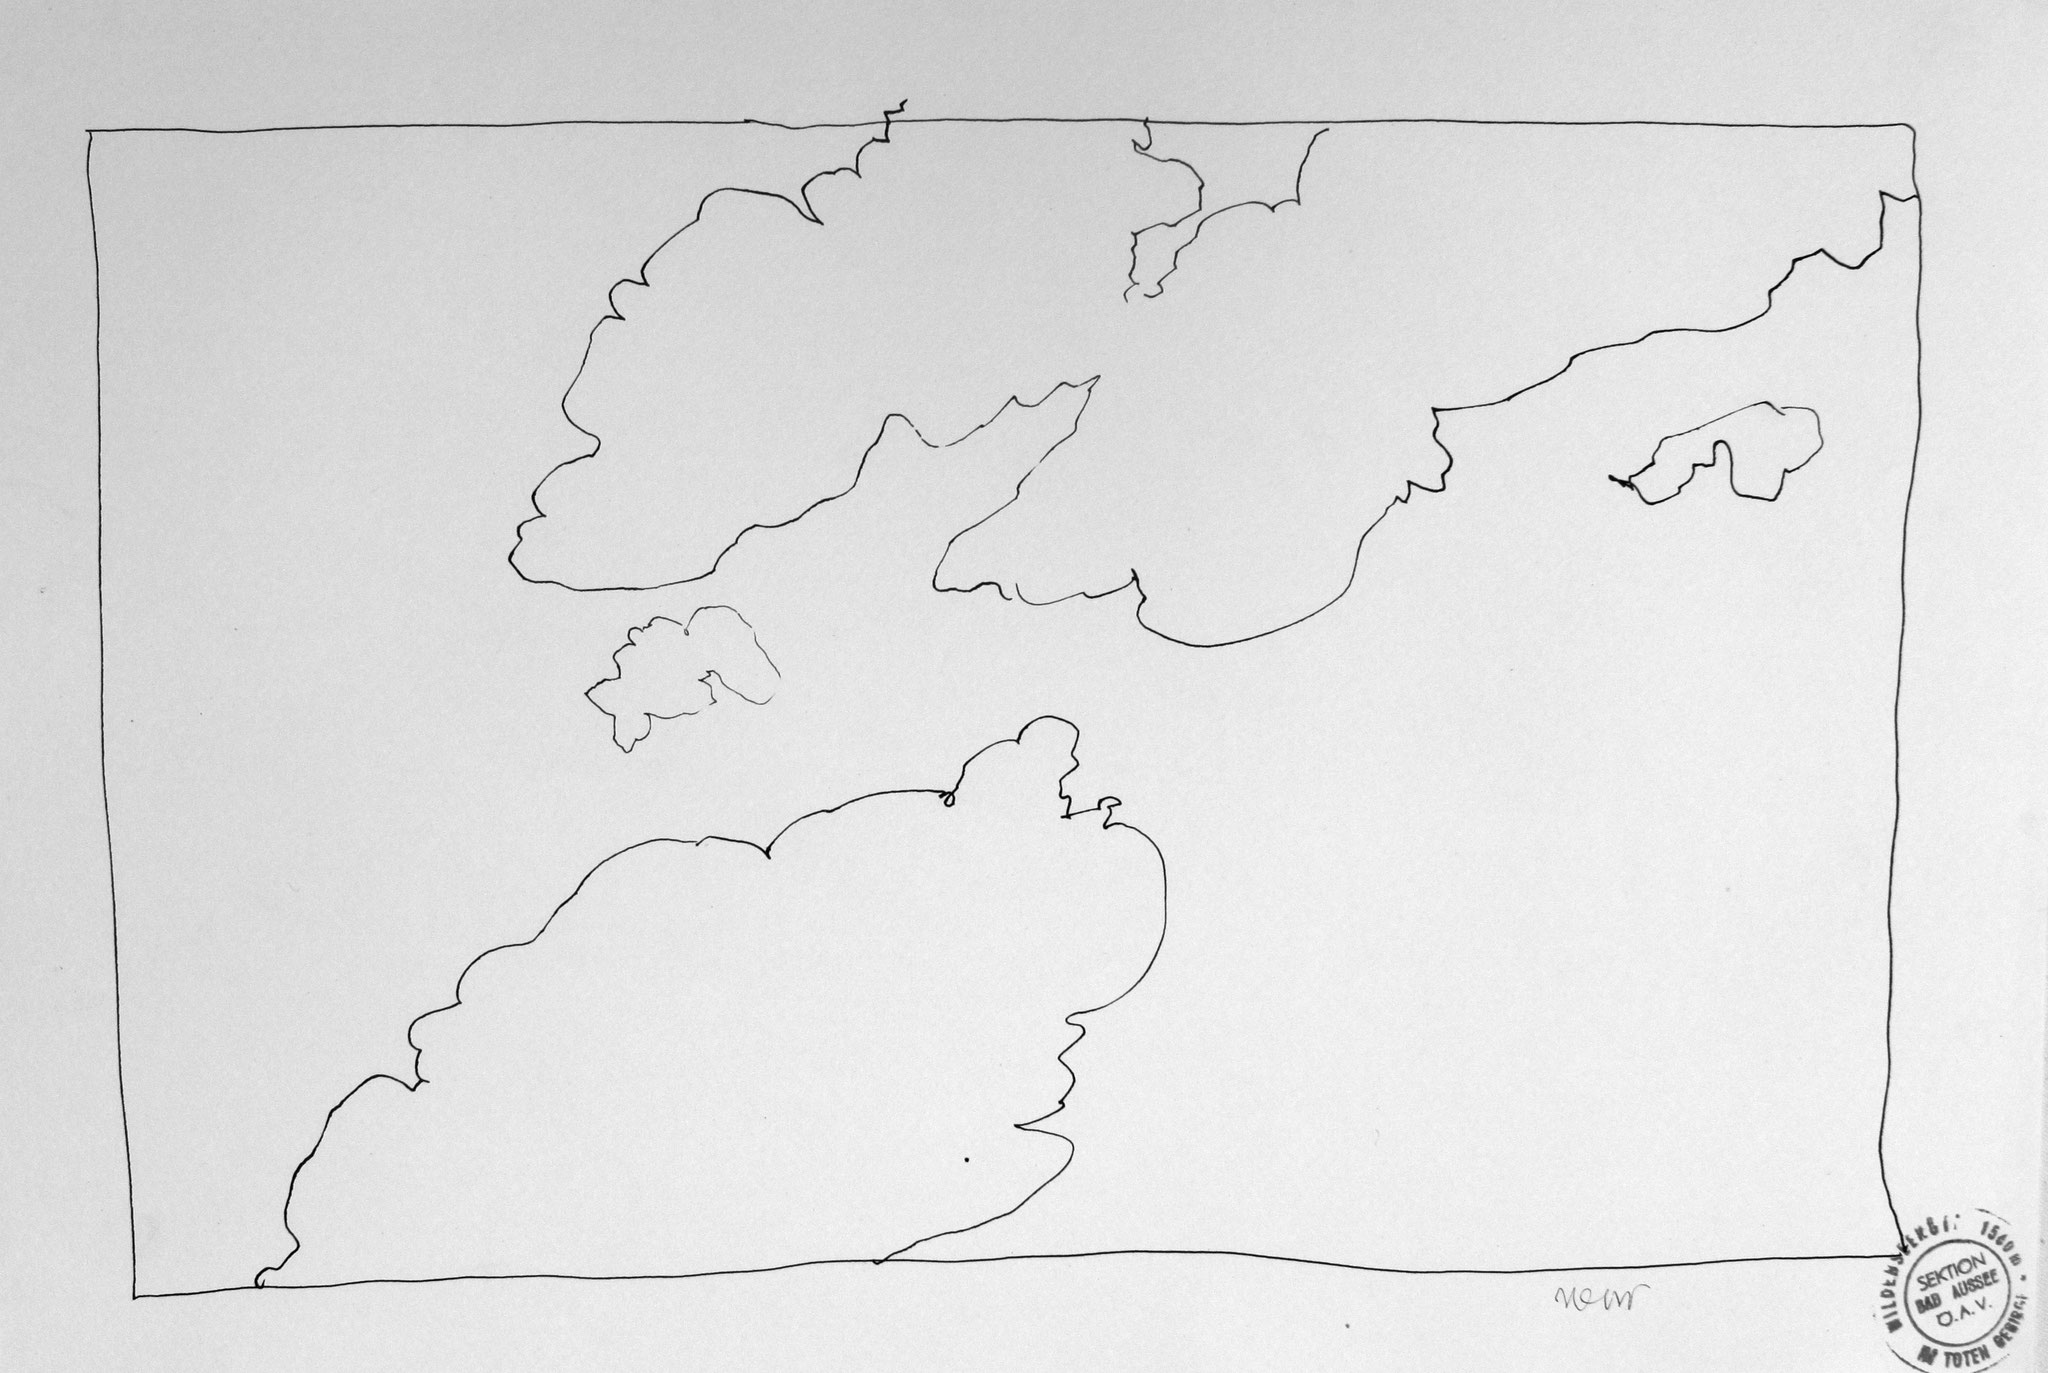 Wolken über der Wildenseehütte, Totes Gebirge, 1987, Stahlfederzeichnung, Tusche auf Papier, 28 x 42 cm © Josef Taucher